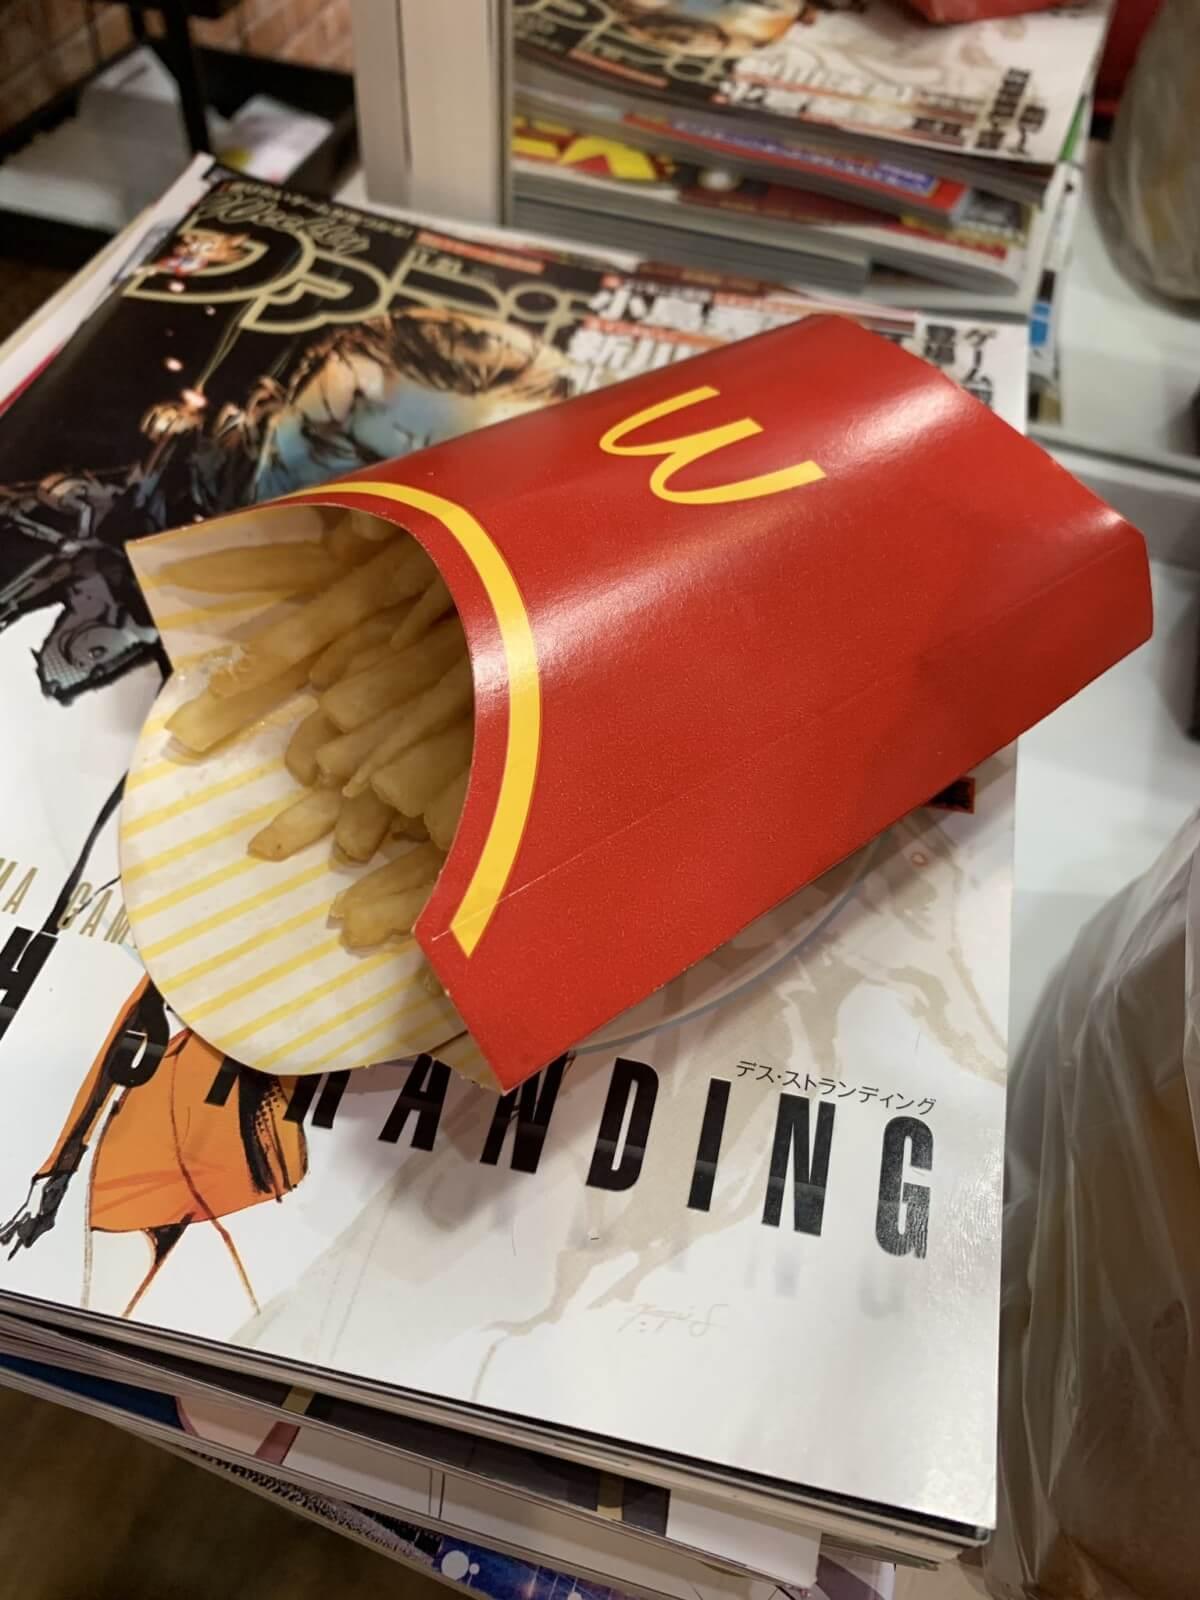 ウーバーイーツのポテトつまみ食い画像